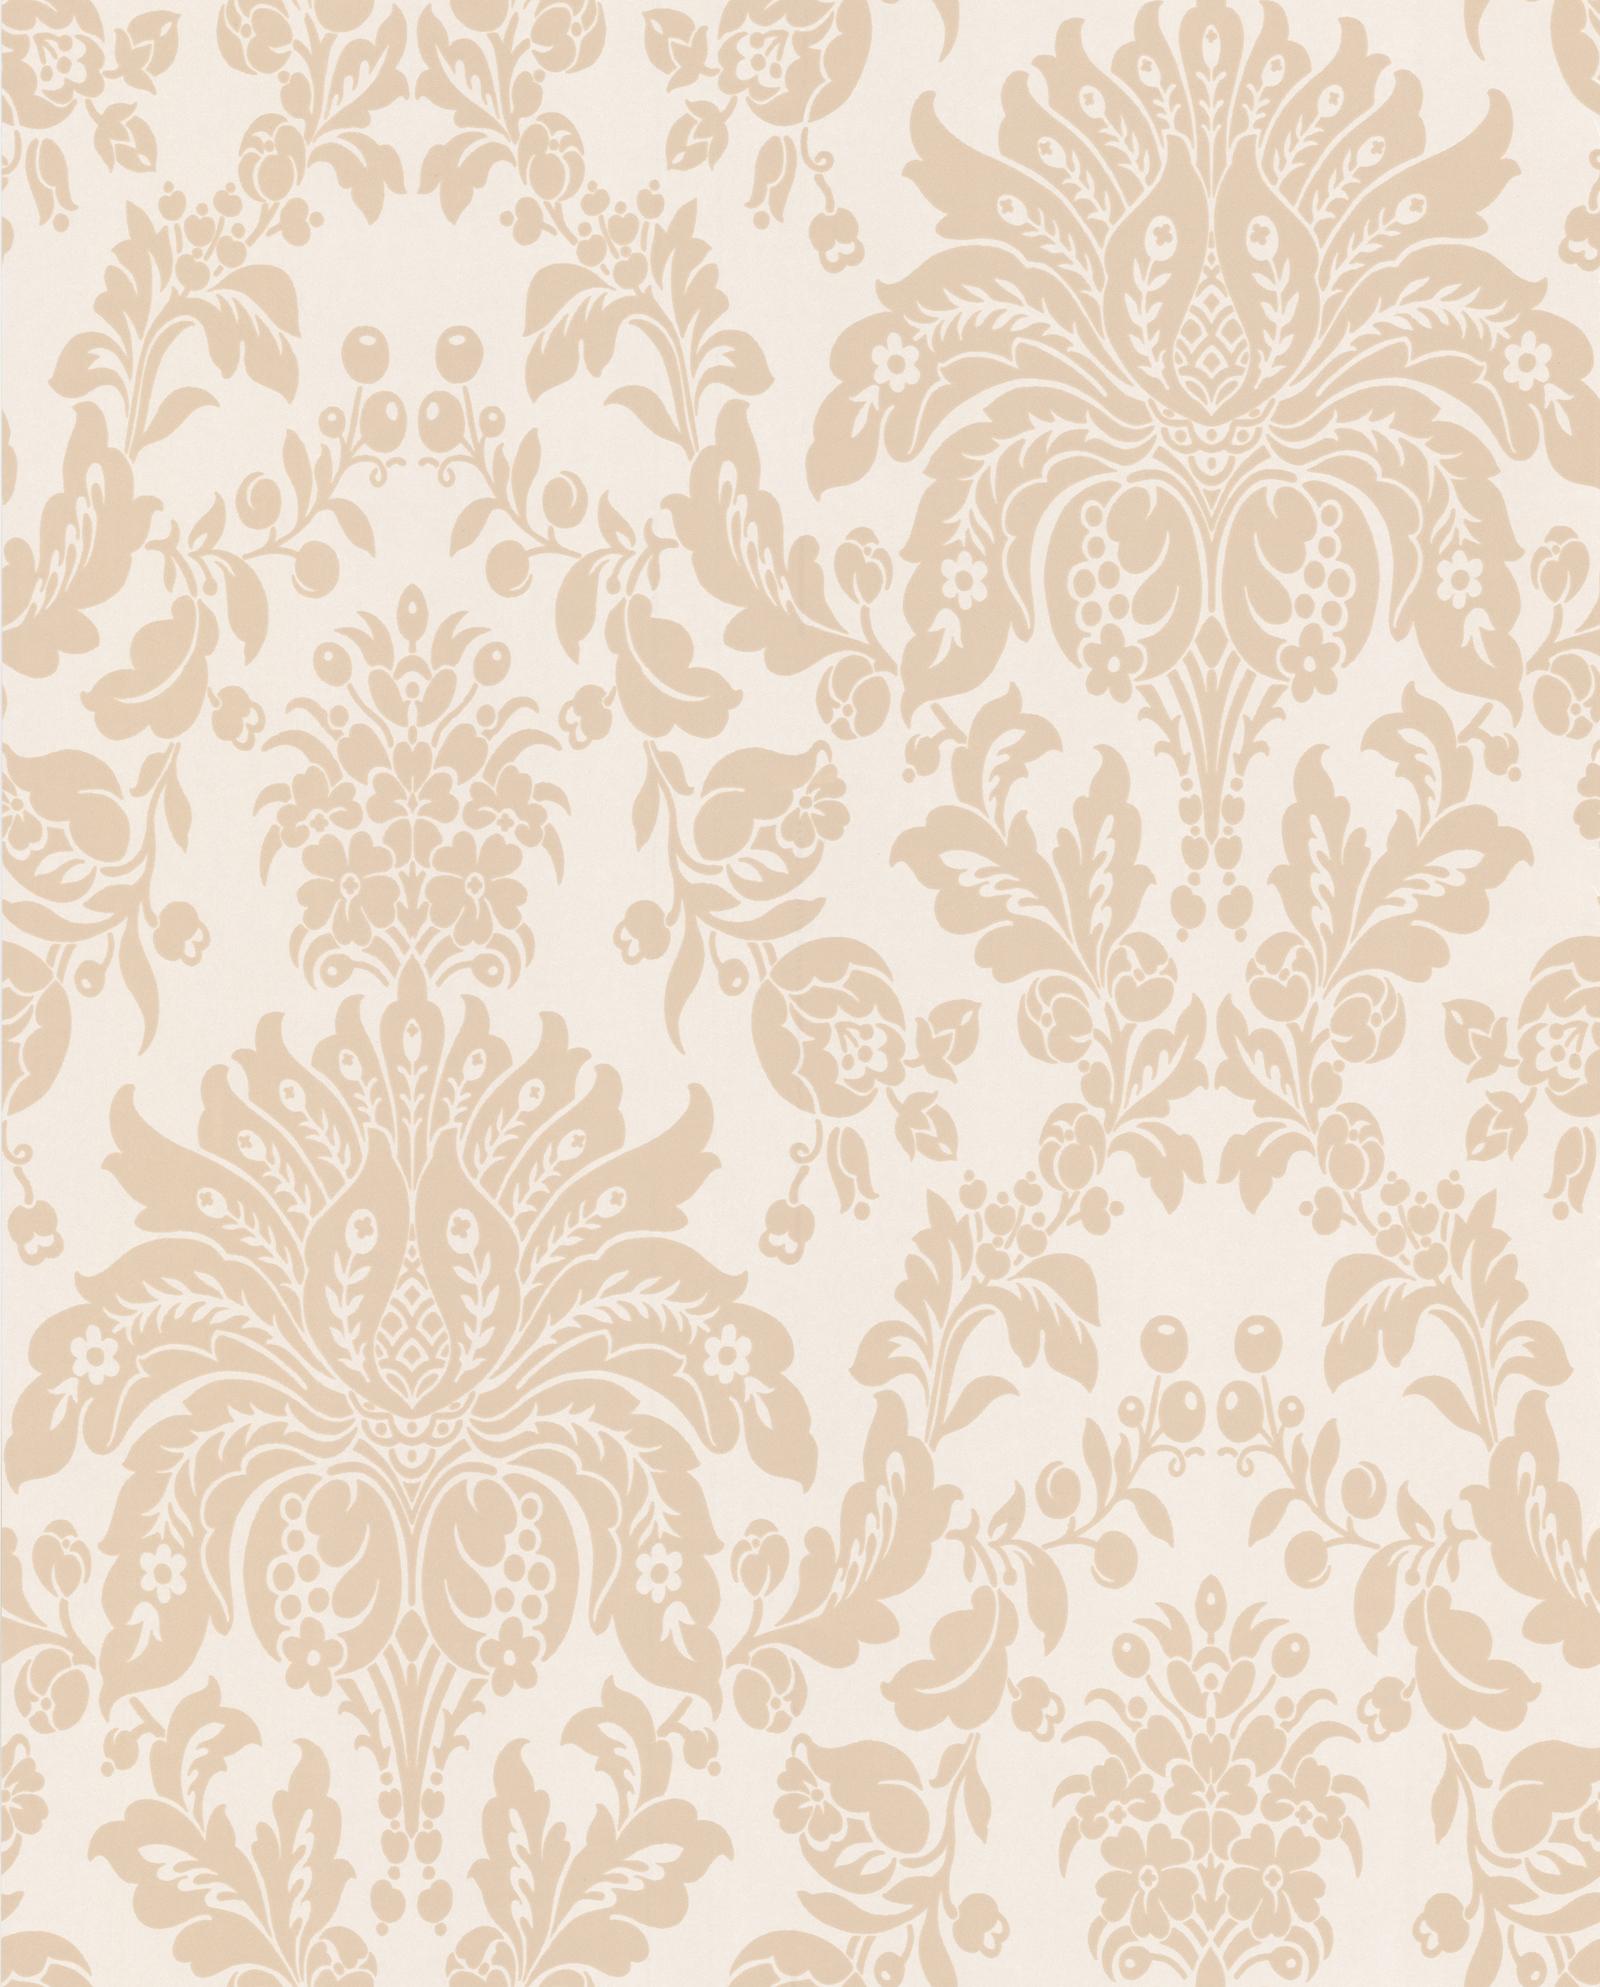 Designer Wallpaper Wallcovering - WallpaperSafari